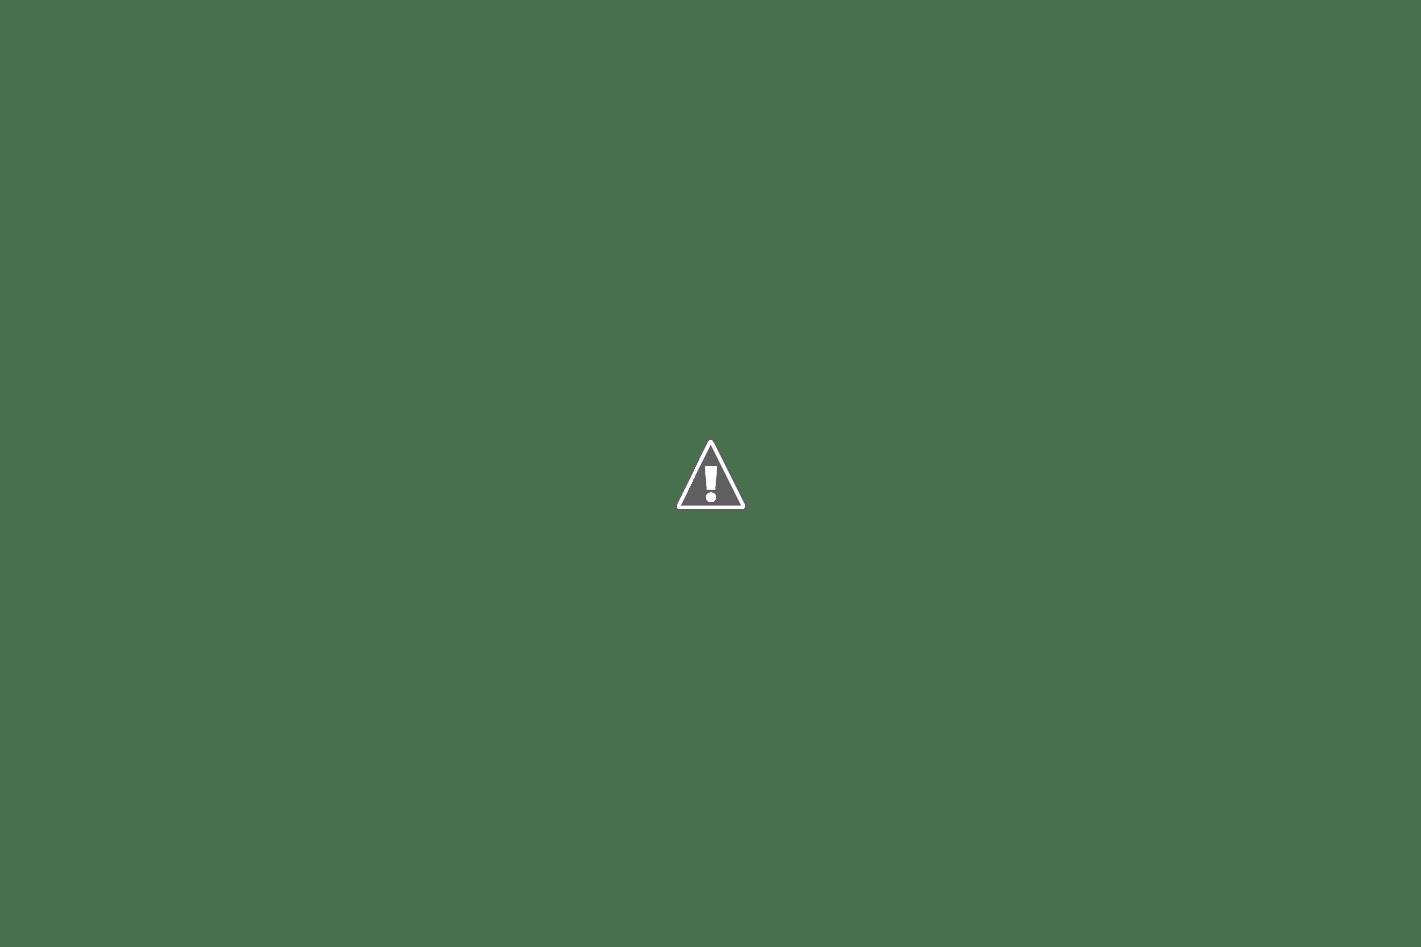 Новобудови: В Умані офіційно відкрито новий багатоквартирний будинок